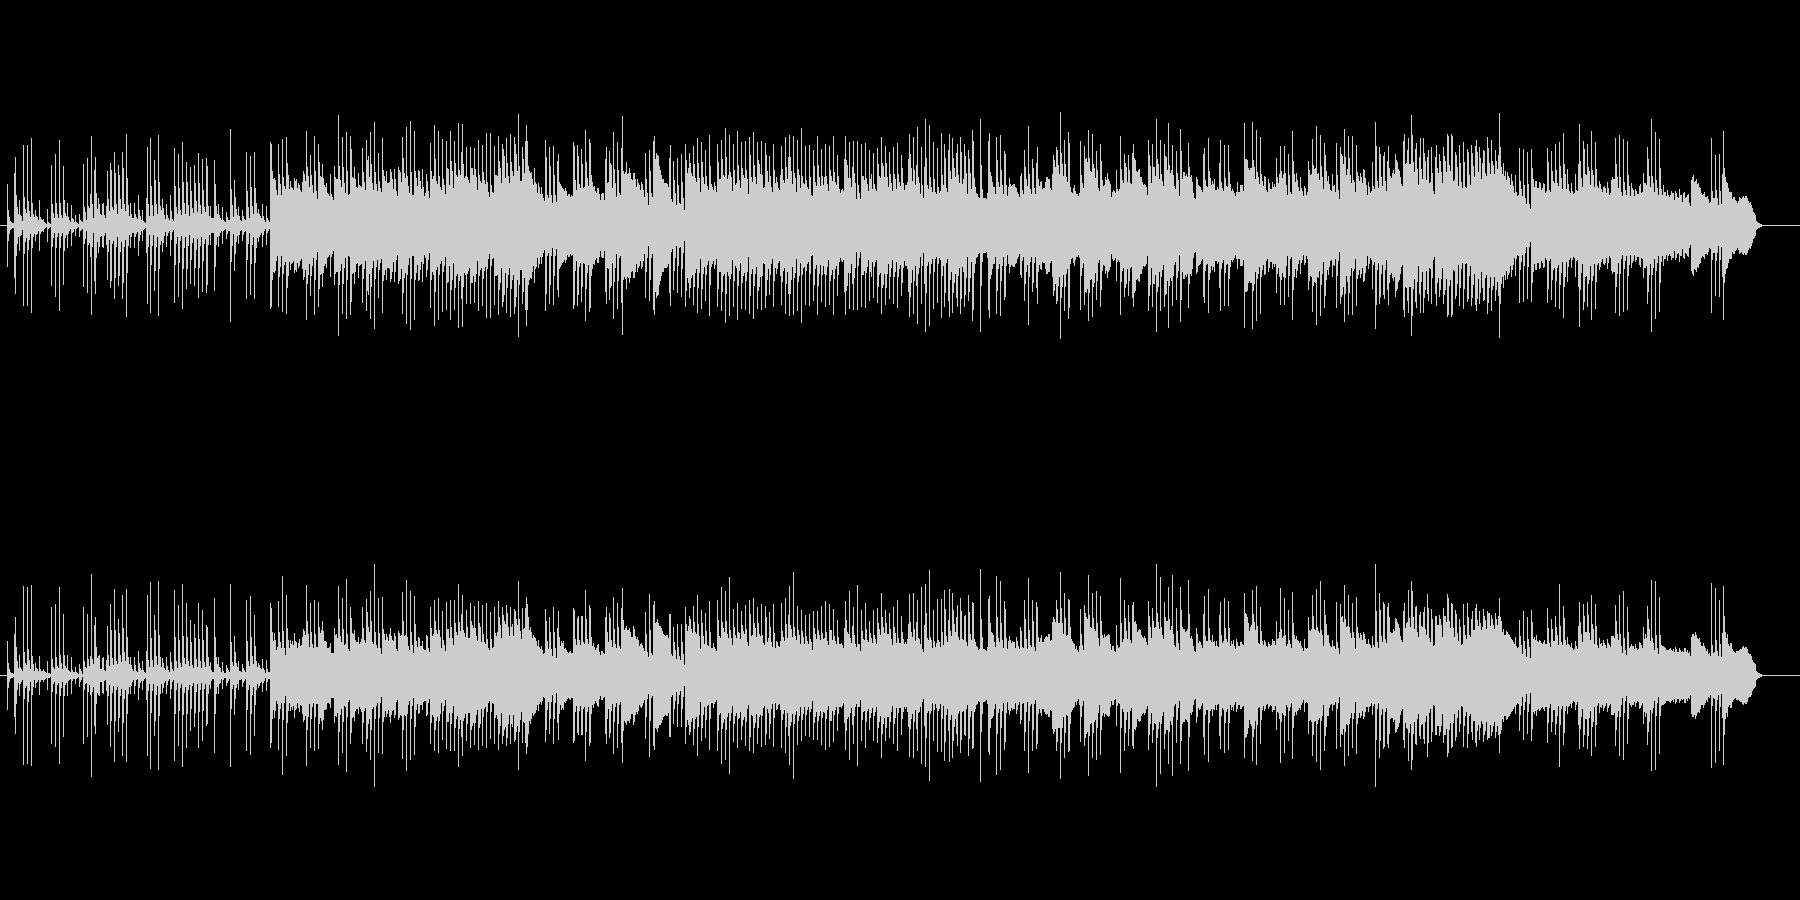 別れの曲-ショパン-のオルゴールの未再生の波形